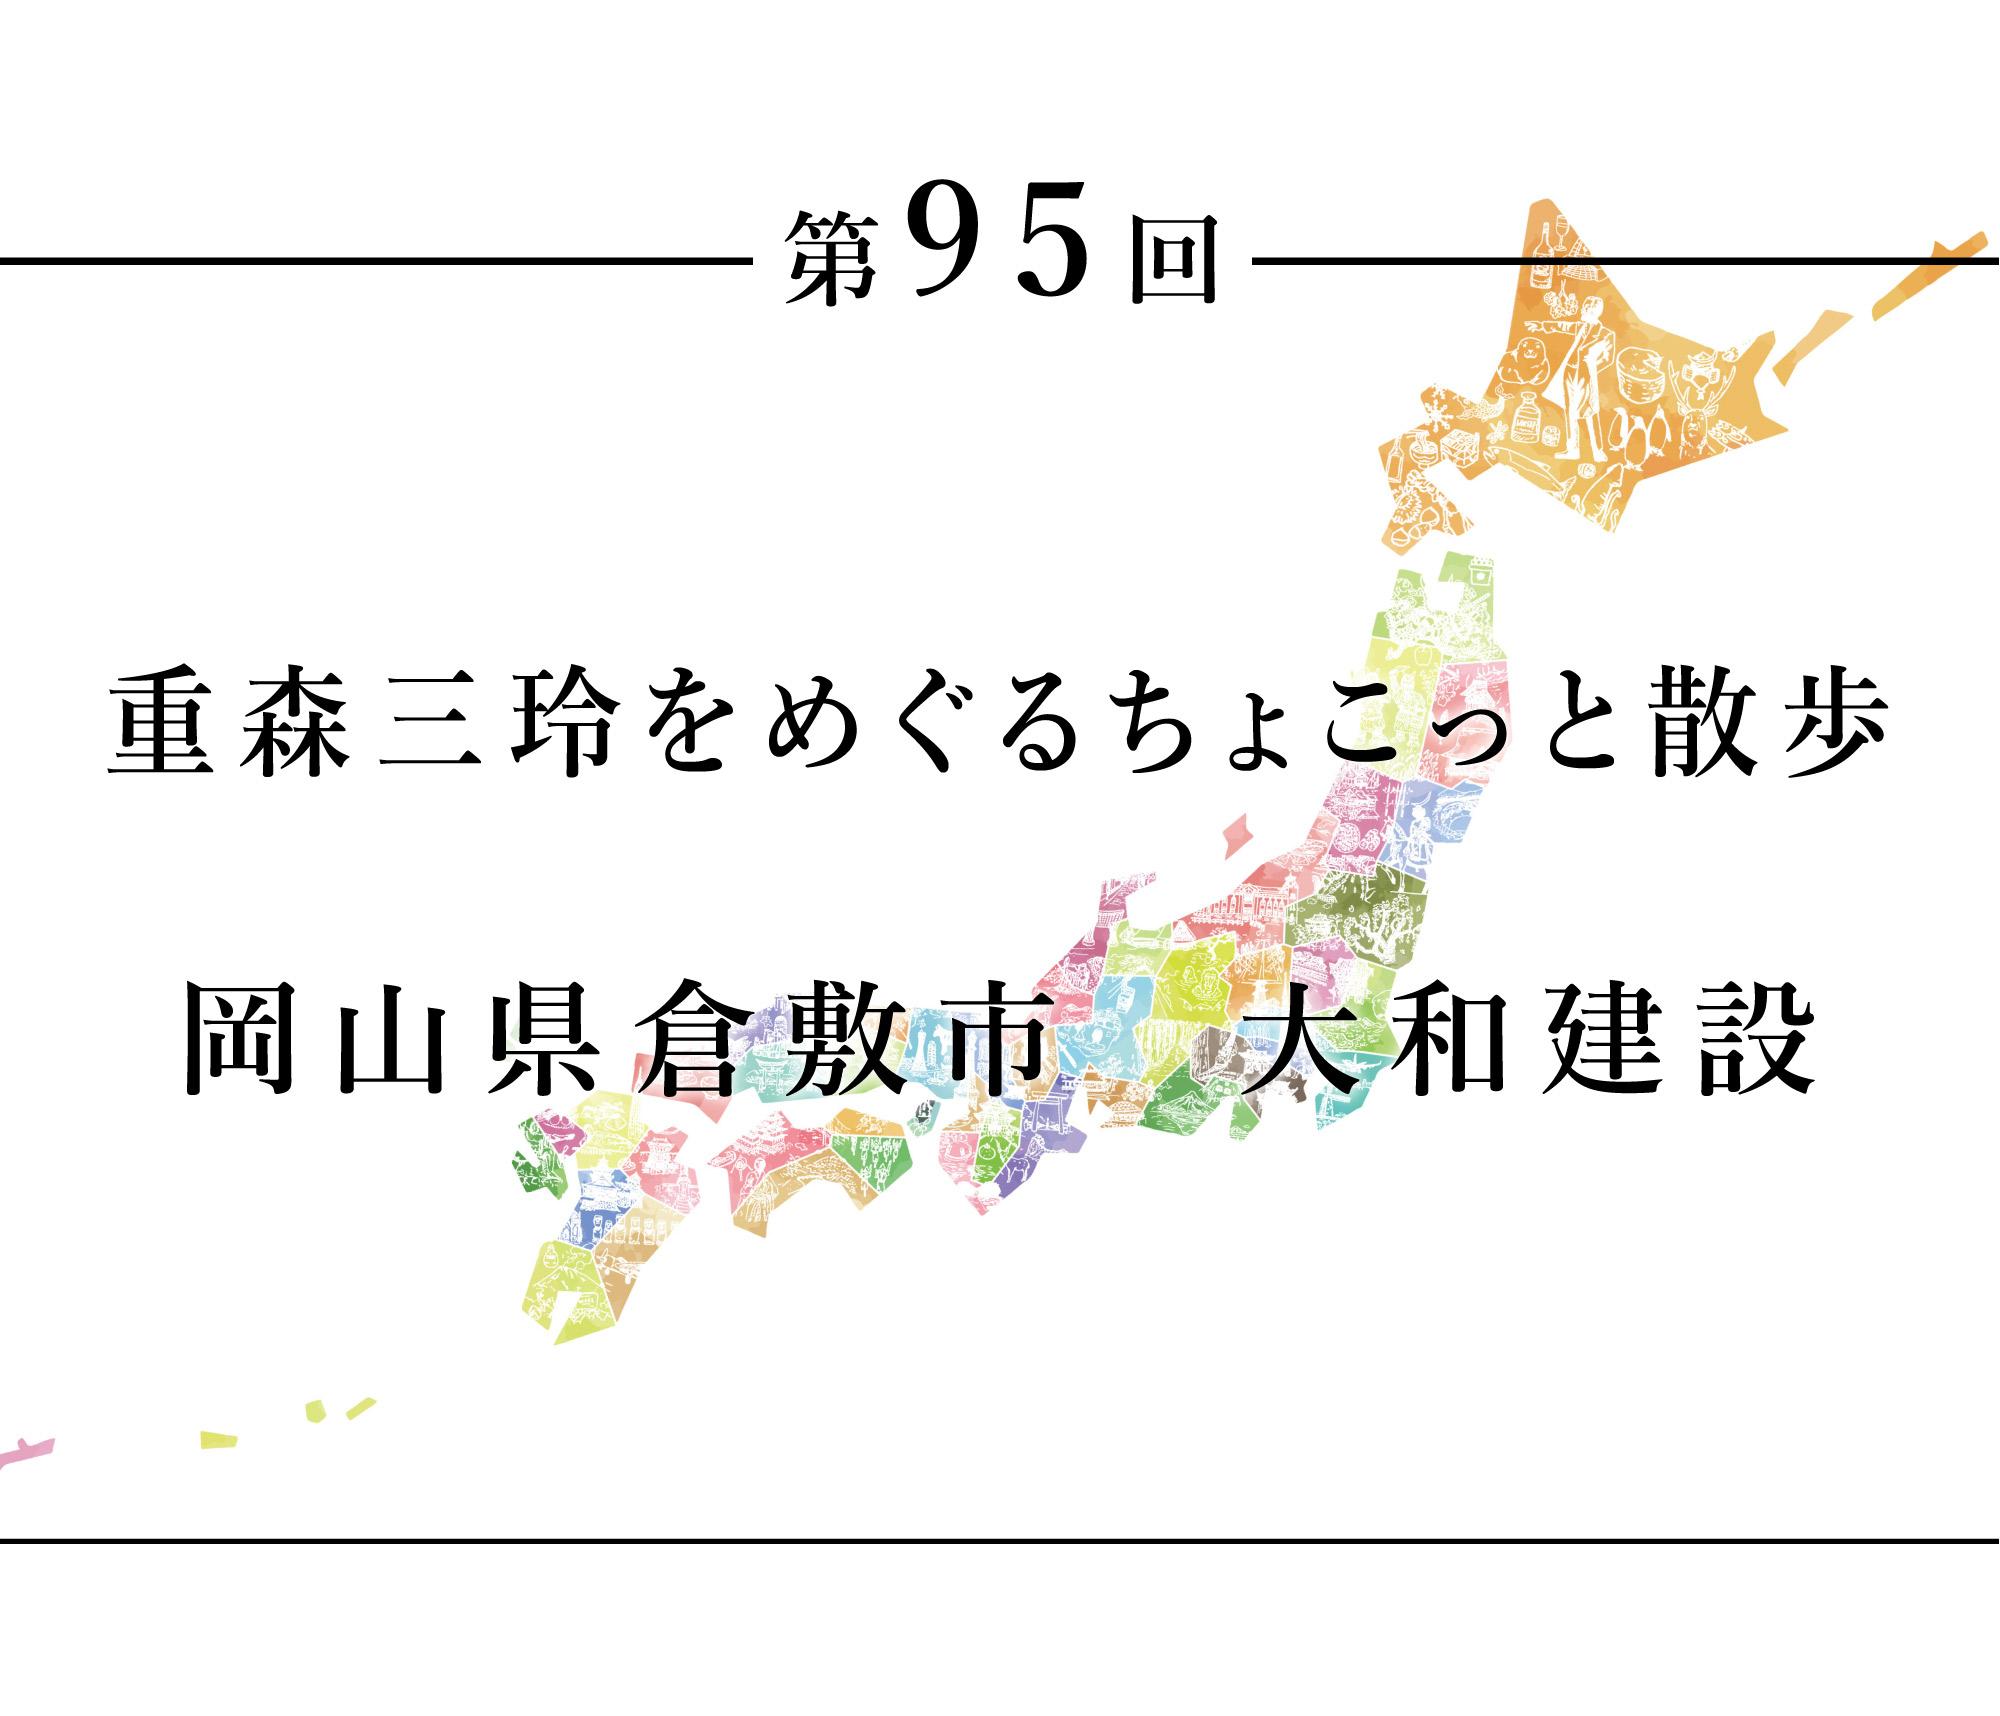 ちいきのたより第95回重森三玲をめぐるちょこっと散歩岡山県倉敷市大和建設